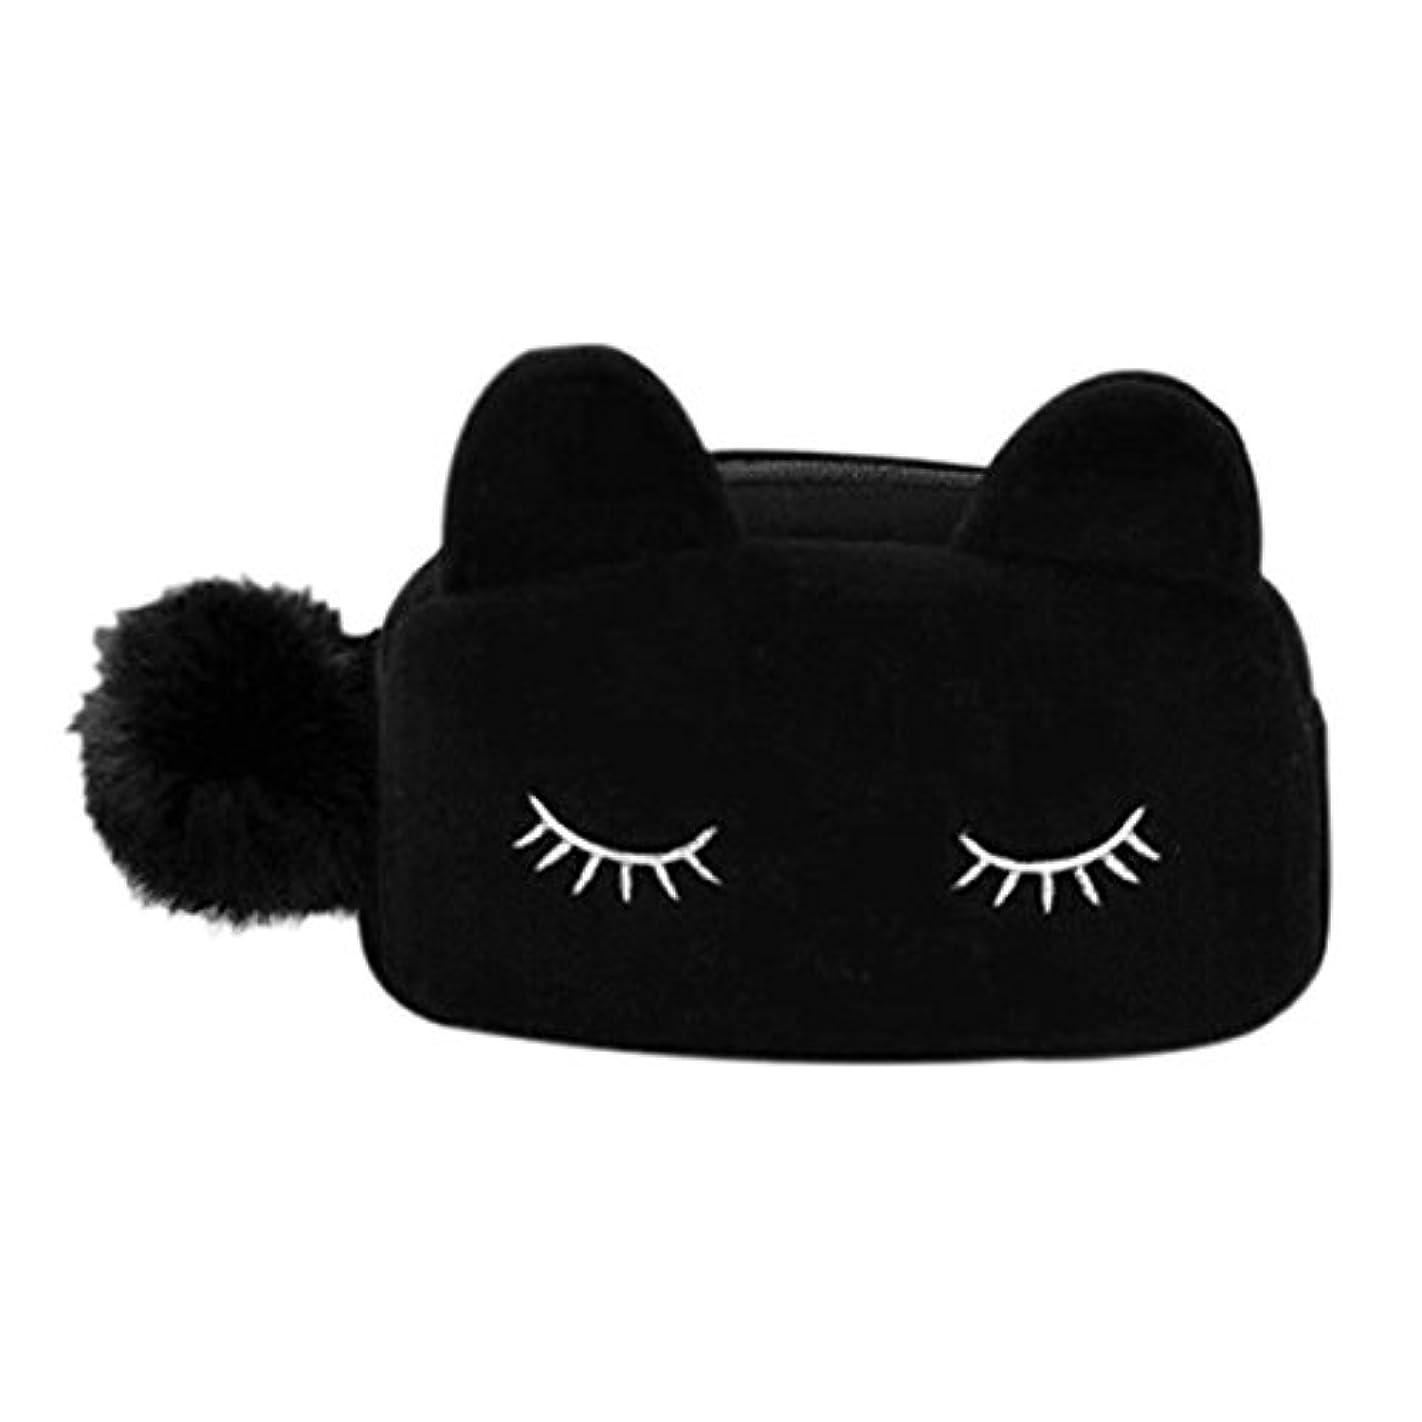 航空記念碑ローズ猫 化粧ポーチ バニティベロア ポンポン付き ブラック